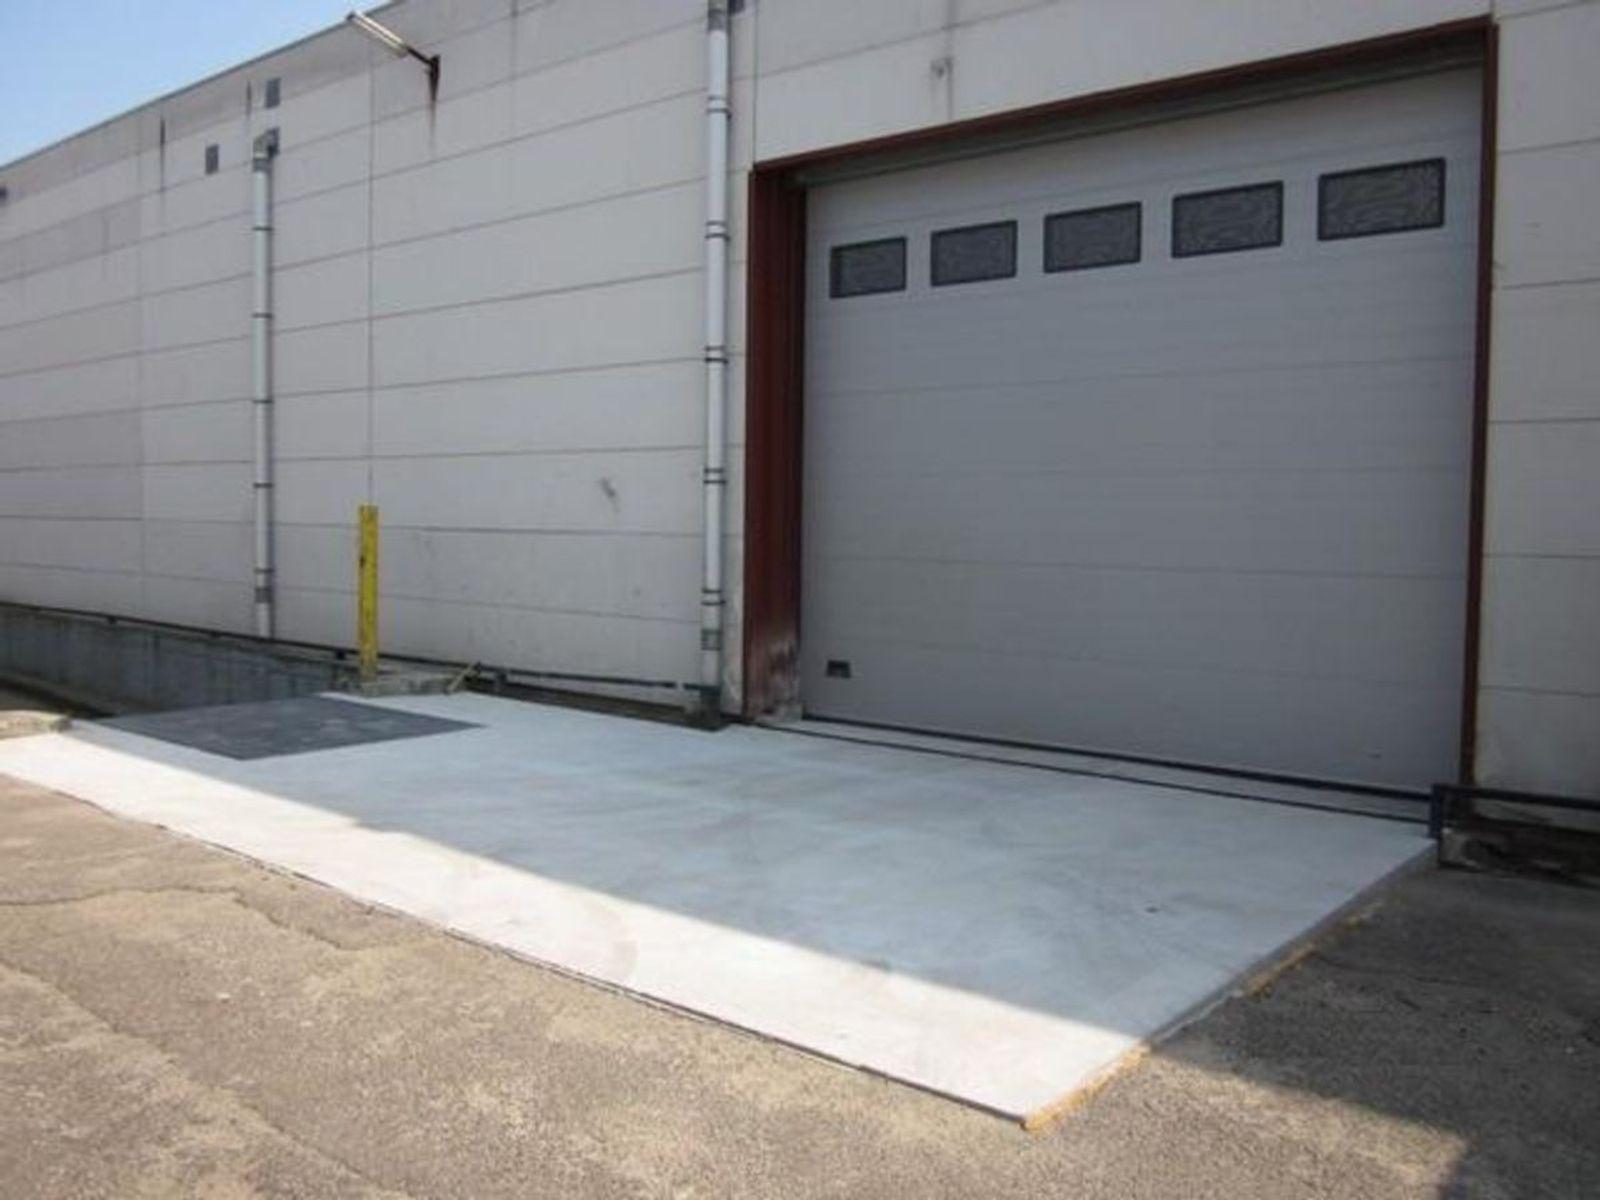 Indeling-  Het complex is opgedeeld in meerdere afzonderlijke units waarvan thans een unit voor verhuur beschikbaar is. Deze unit omvat een bedrijfsruimte met inpandig kantoor en een toilet. Deze locatie is geschikt voor meerdere gebruiksfuncties.  Maatvoering- De bedrijfsruimte/opslagruimte kent een vloeroppervlakte van circa 2.450 m². Het buitenterrein met laad/los dock kent een vloeroppervlakte van circa 300 m².  Opleveringsniveau- De bedrijfsruimte is opgetrokken met betonplaten wanden en voorzien van een golfplaten dak.  De bedrijfsruimte is ondermeer voorzien van een betonnen vloer. Verder zijn er een alarm (inclusief meldkamercontact), brandblussers en haspels aanwezig. De ruimte is toegankelijk middels een drietal overheaddeuren met de afmetingen 5,350 m¹ x 4,525 m¹, 4,600 m¹ x 4,525 m¹ en 2,500 m¹ x 2,800 m¹.  Parkeren- Op aangesloten terrein is voldoende parkeergelegenheid aanwezig.  Bouw- Bedrijfsruimte- Bestaande bouw Bouwperiode- Omstreeks 1978  Overdracht- Huurprijs - Op aanvraag Status - Beschikbaar Aanvaarding - In overleg